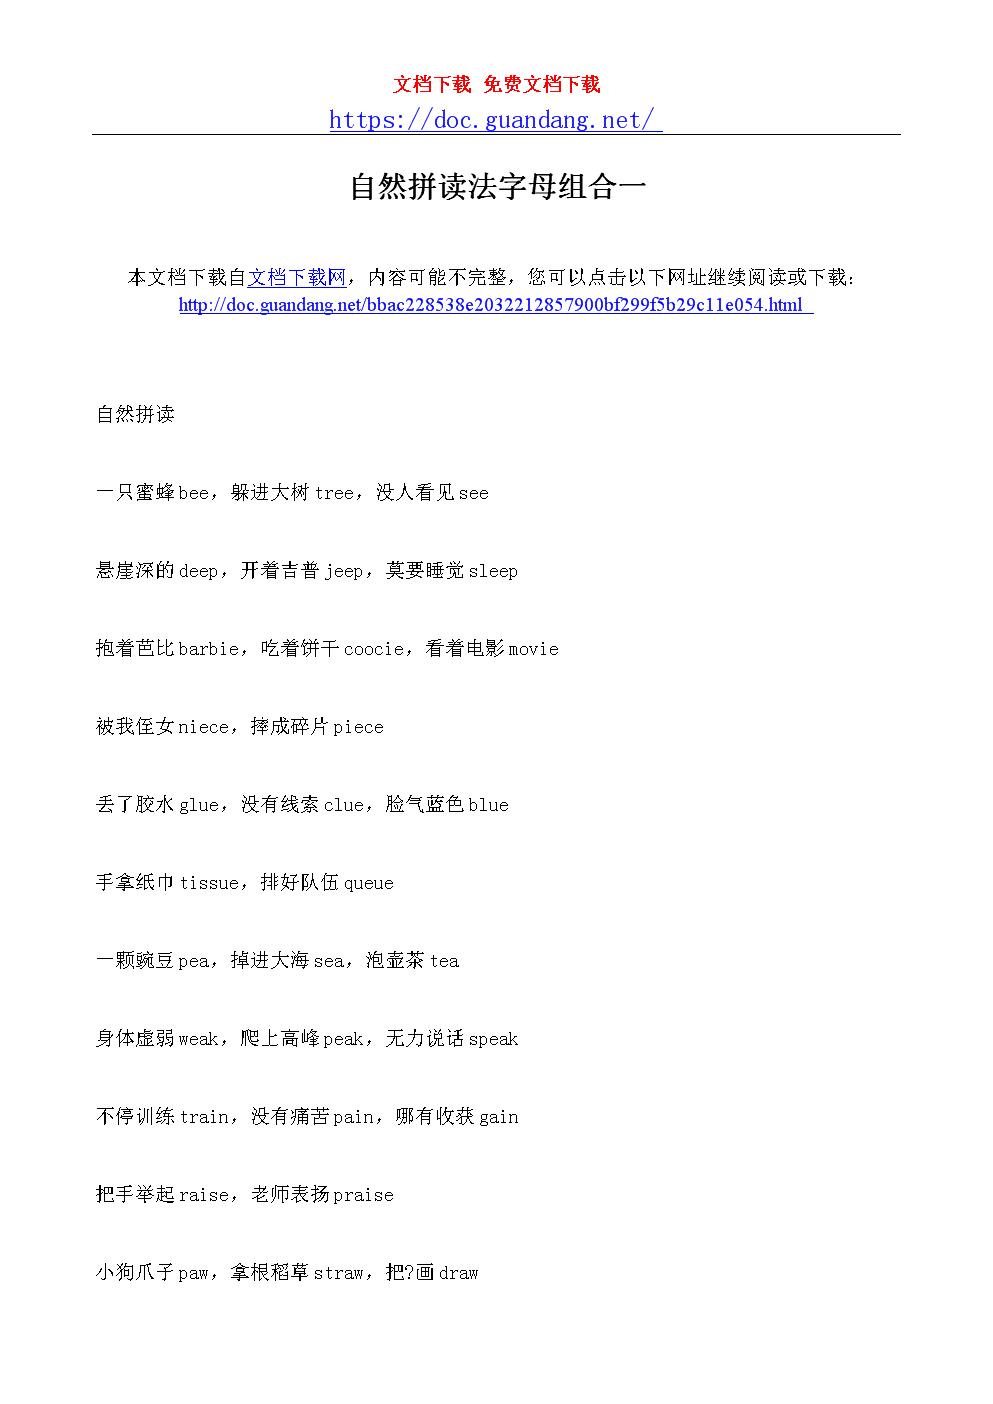 自然拼读法字母组合.doc